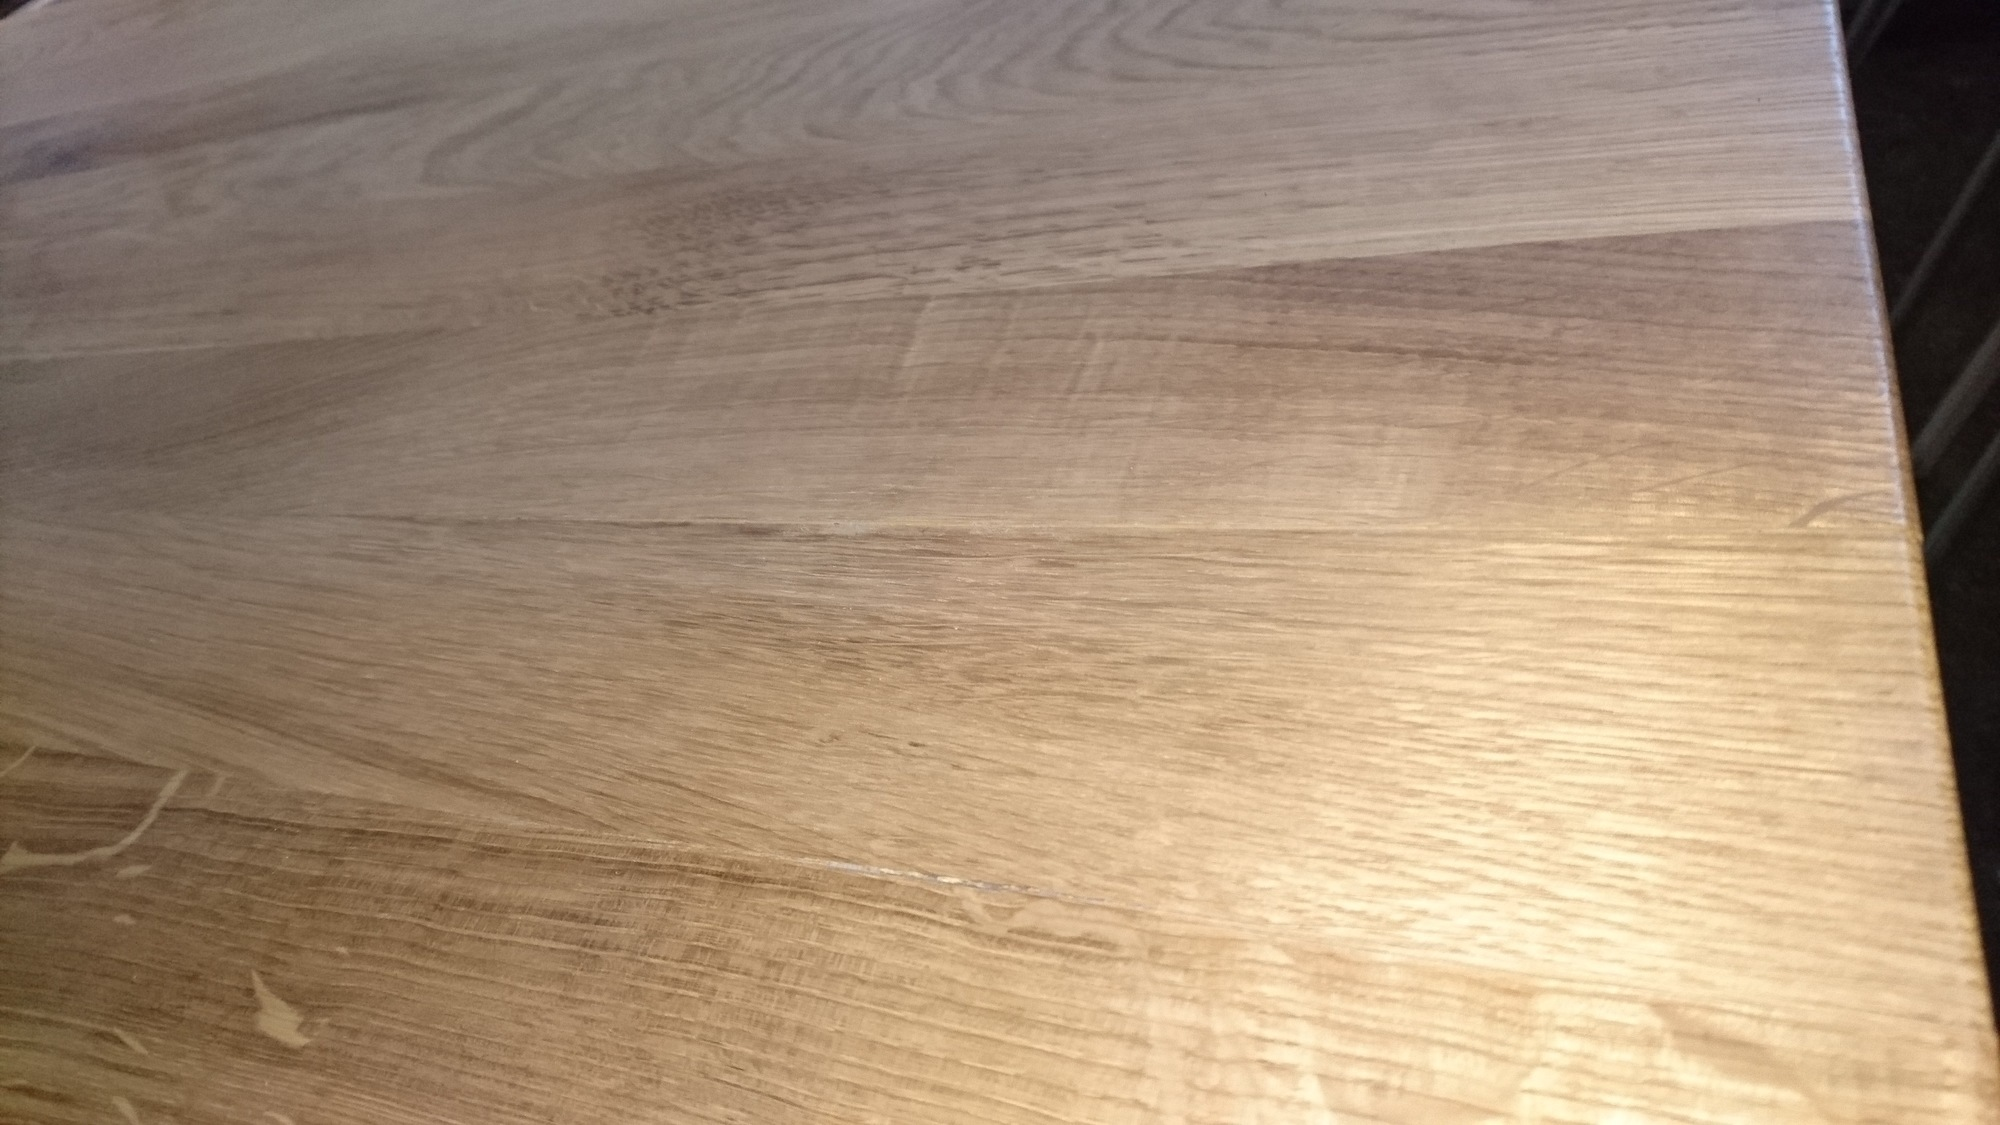 1518170077-essen-adrien-auszugtisch-200260320-x-100cm-wildeiche_0.jpg